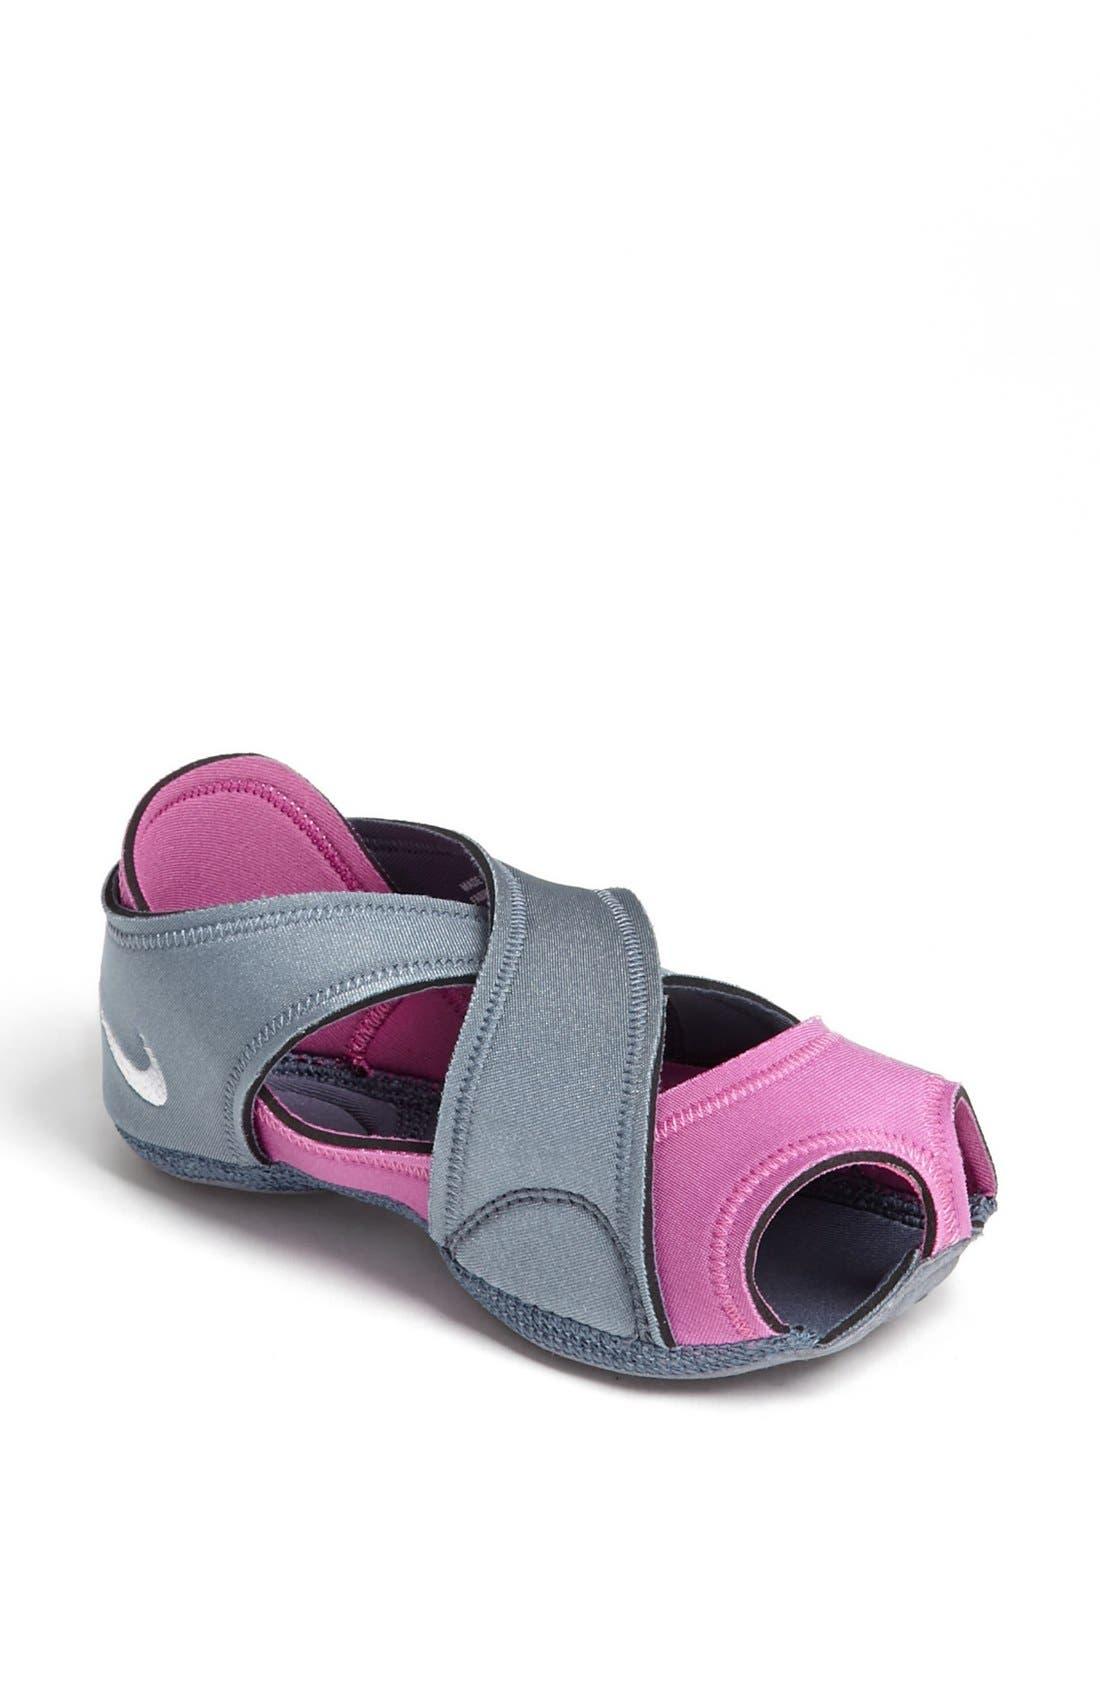 Main Image - Nike 'Studio Wrap' Yoga Training Shoe (Women)